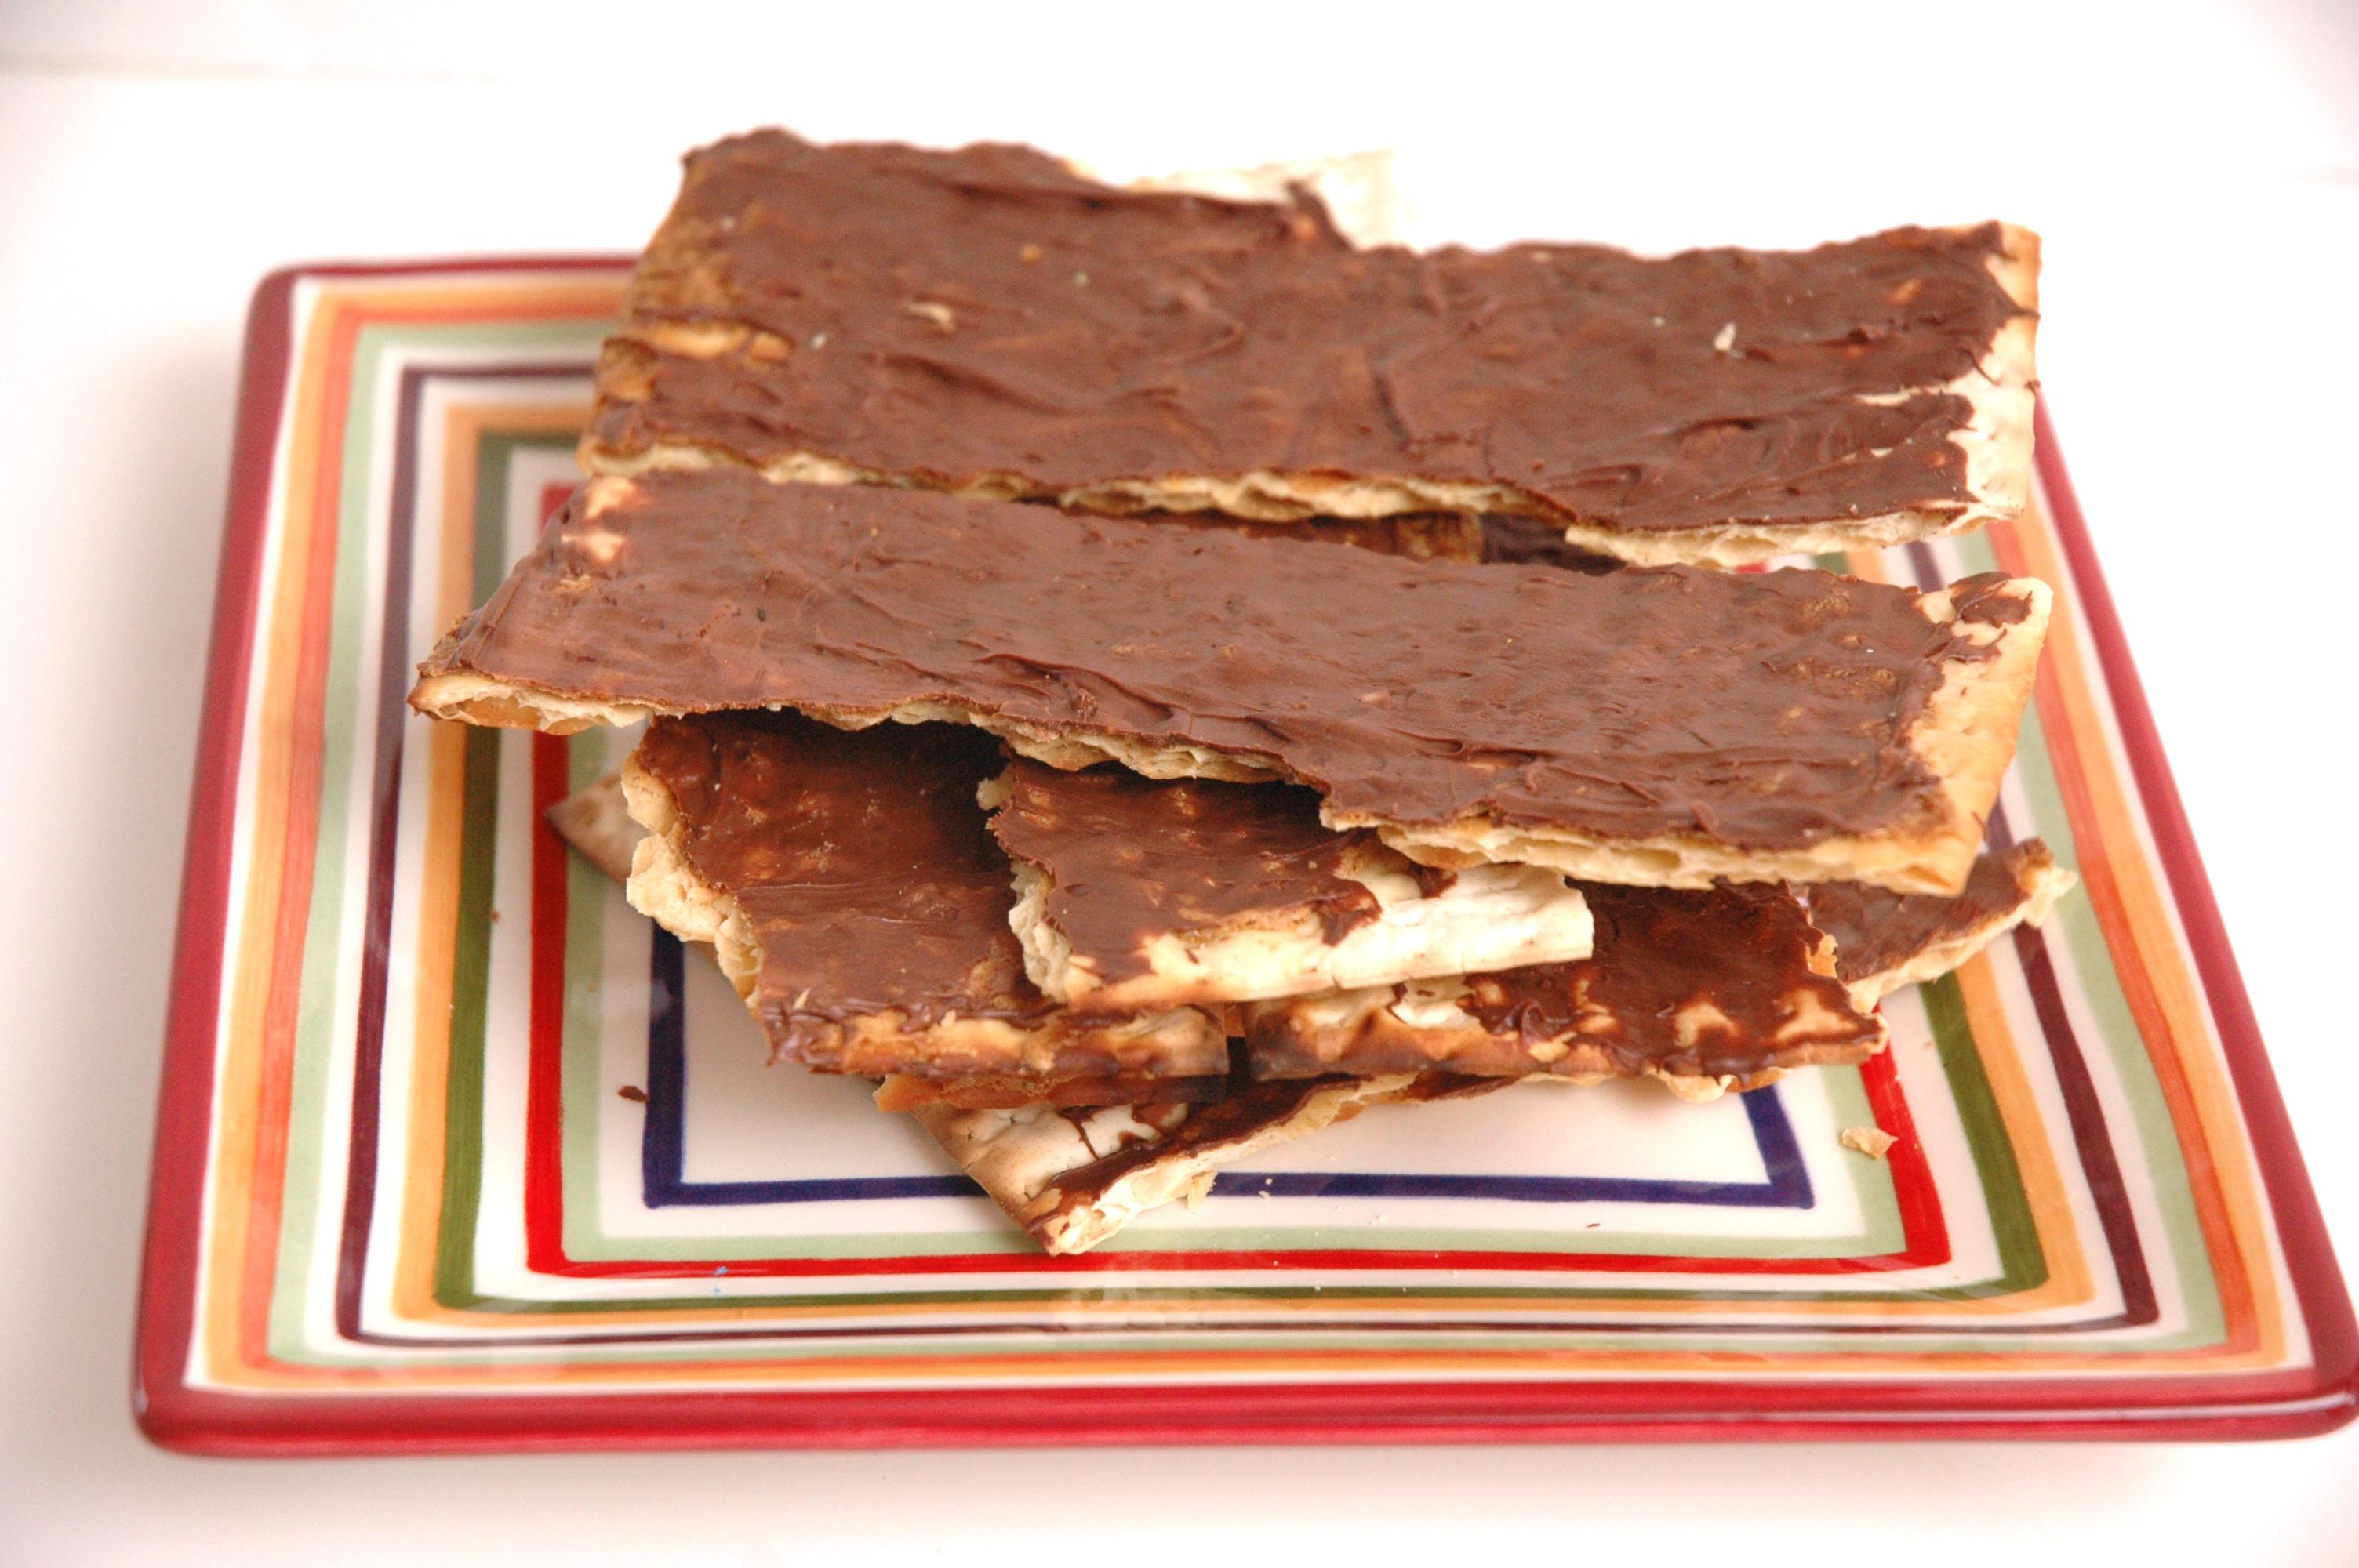 Where To Buy Chocolate Covered Matzo